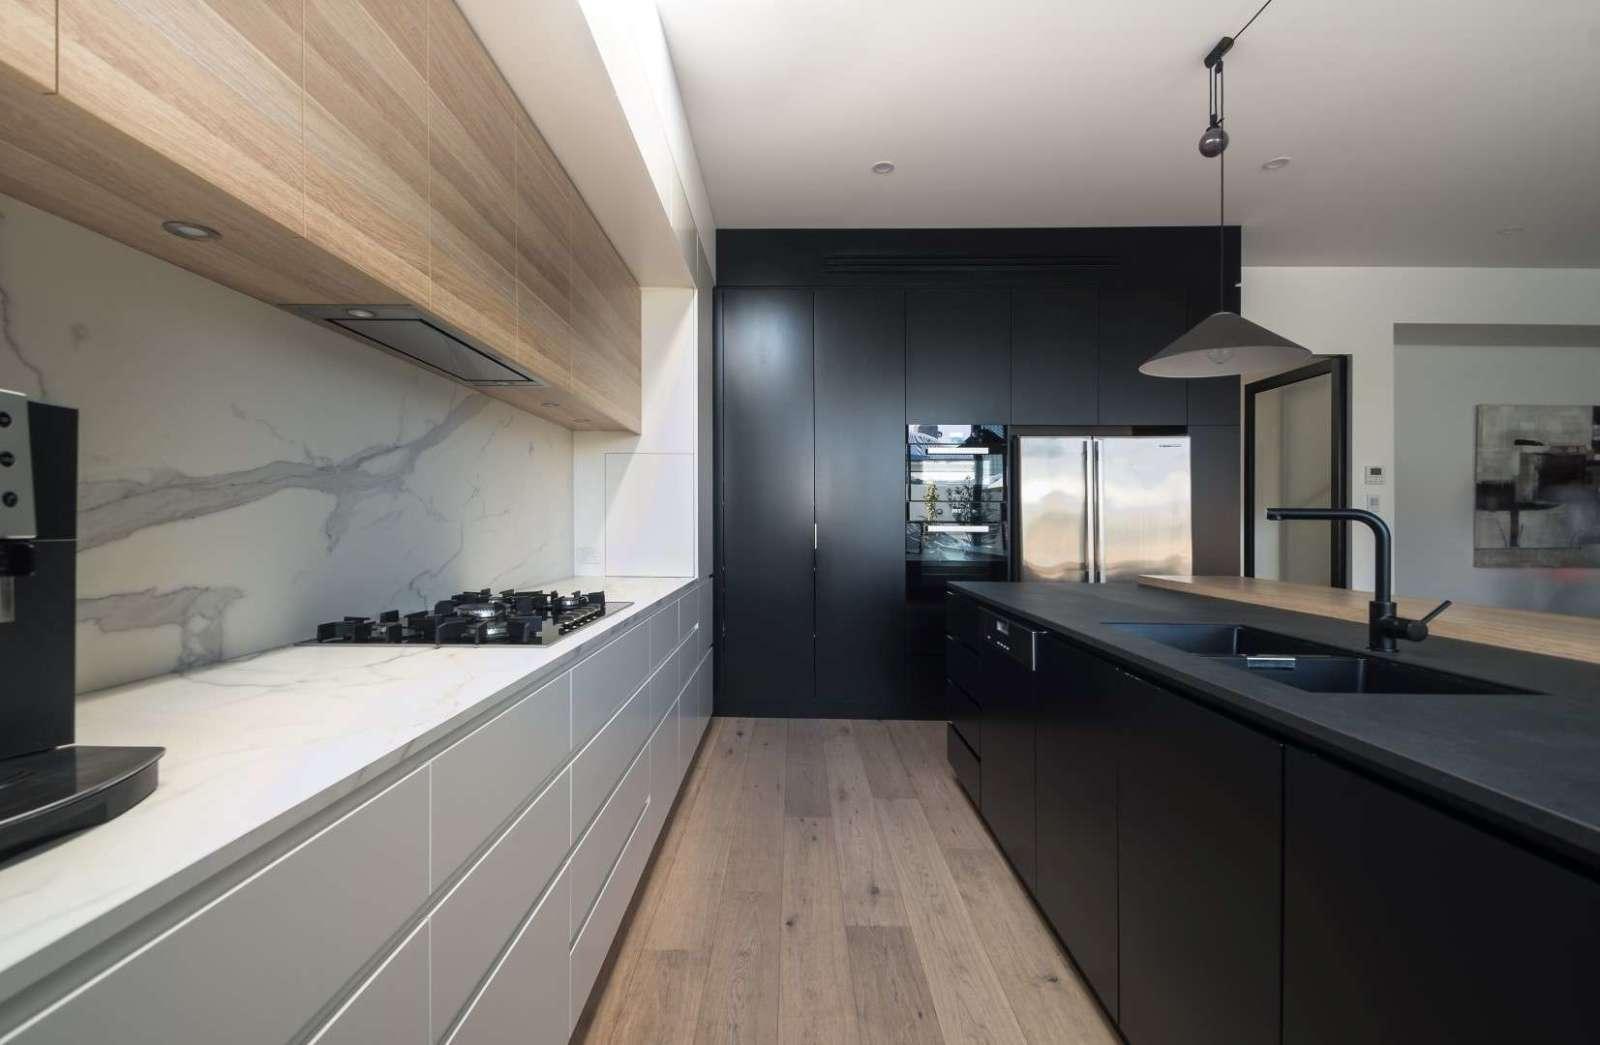 Cocina moderna dos tendencias en el dise o campanas for Cocina interiores modernas